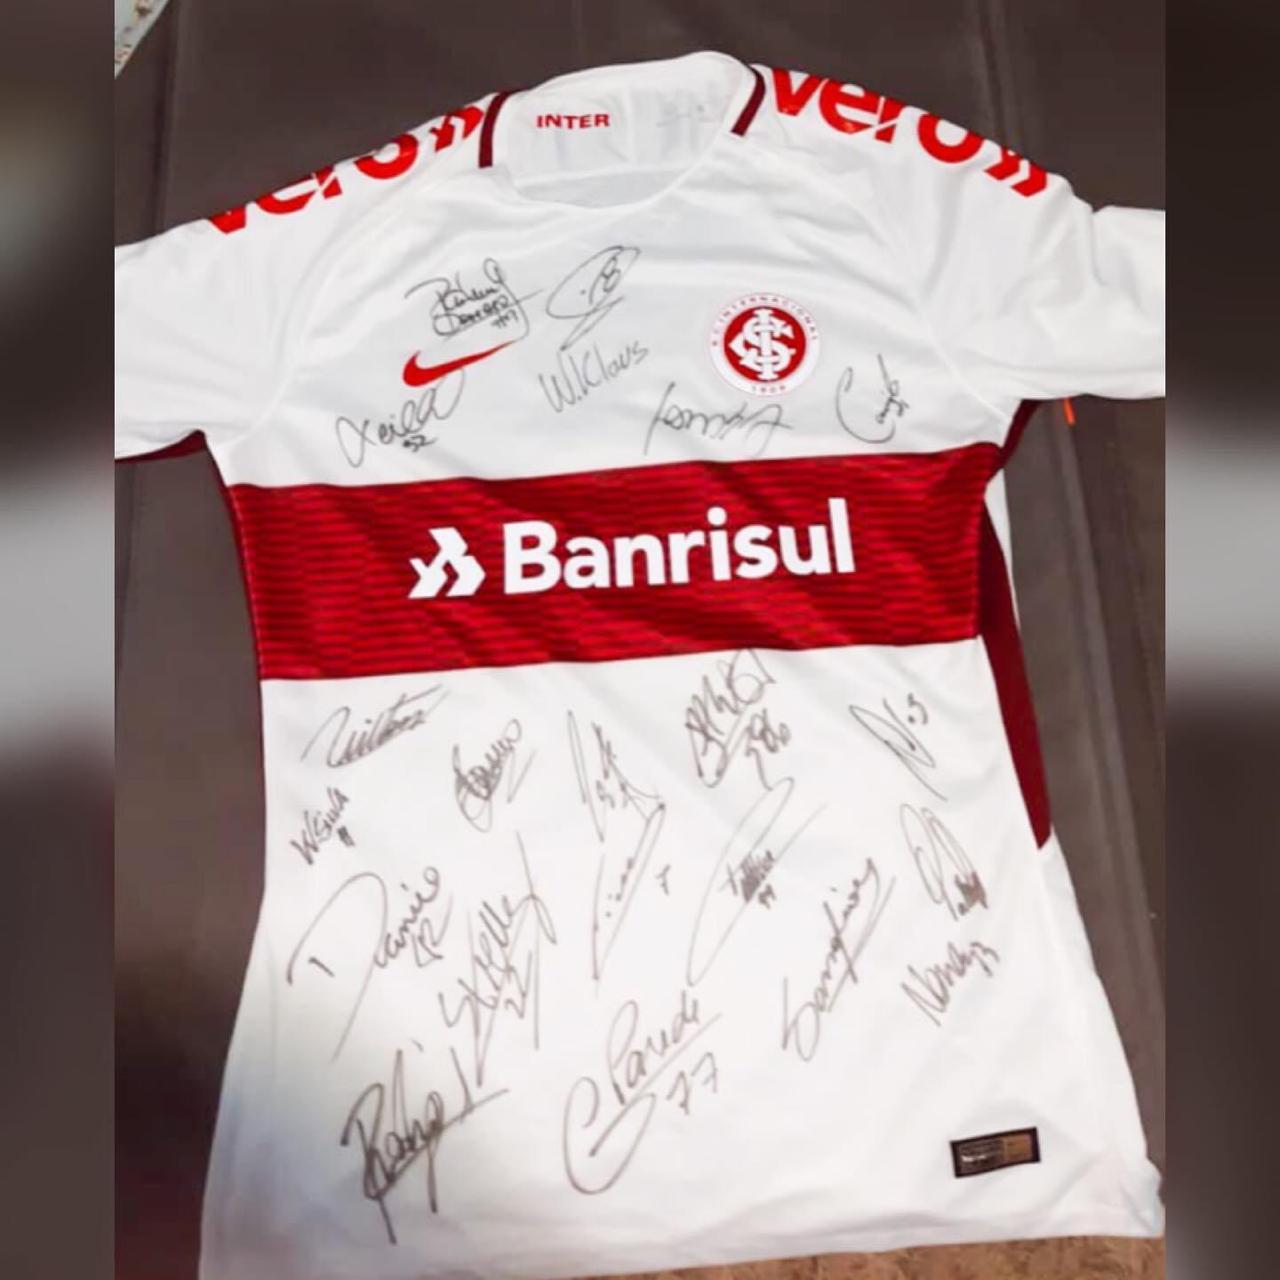 Vitrine do Bem: camiseta autografada por jogadores do Inter é doada para o hospital